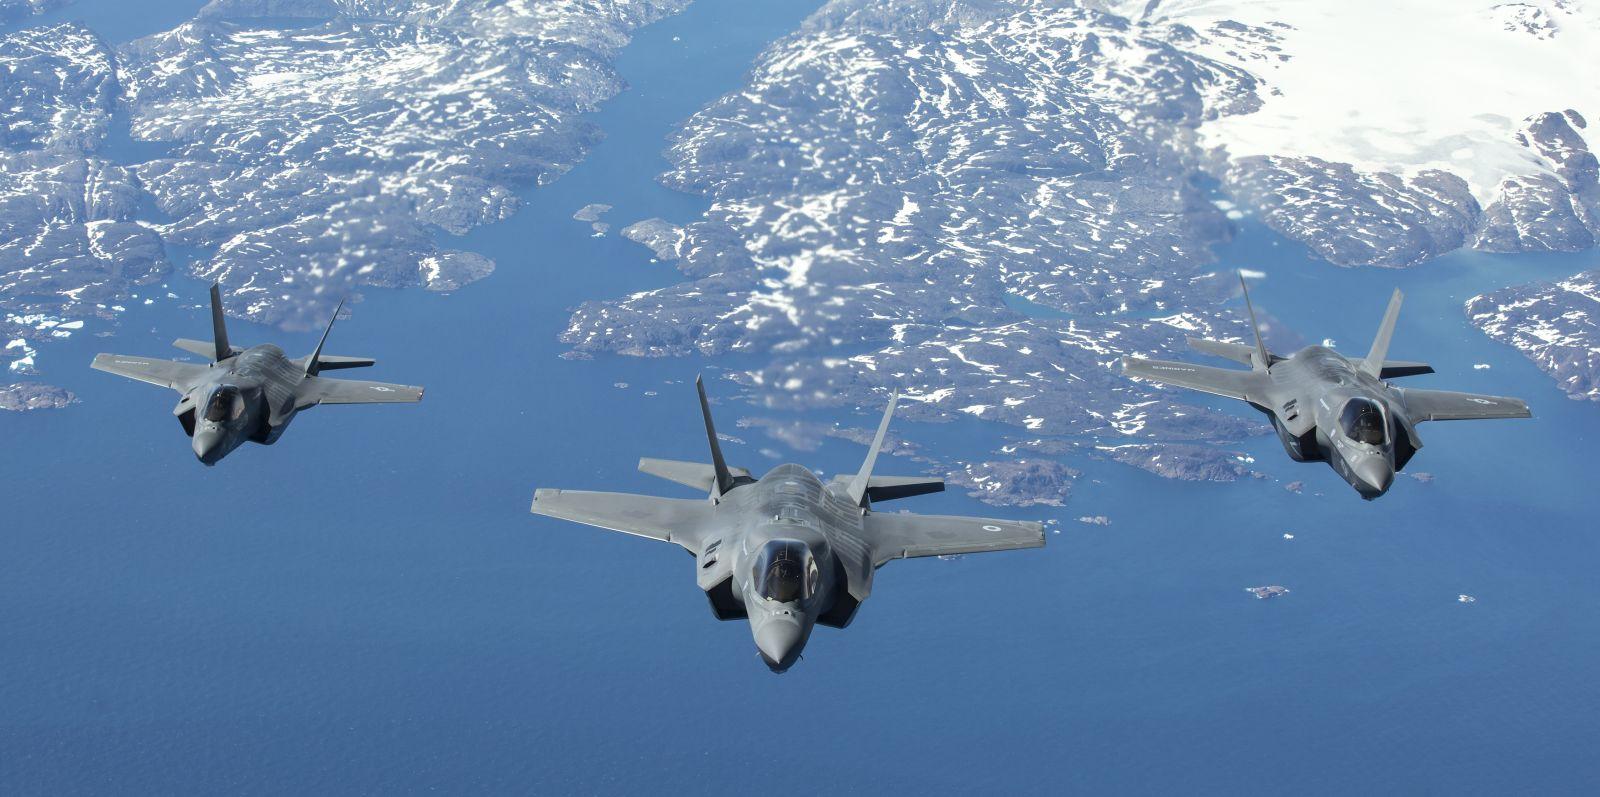 Klucz F-35B (brytyjski na pozycji prowadzącego) zbliża się do latającej cysterny. (fot. SAC Tim Laurence, RAF, MOD News Licence)